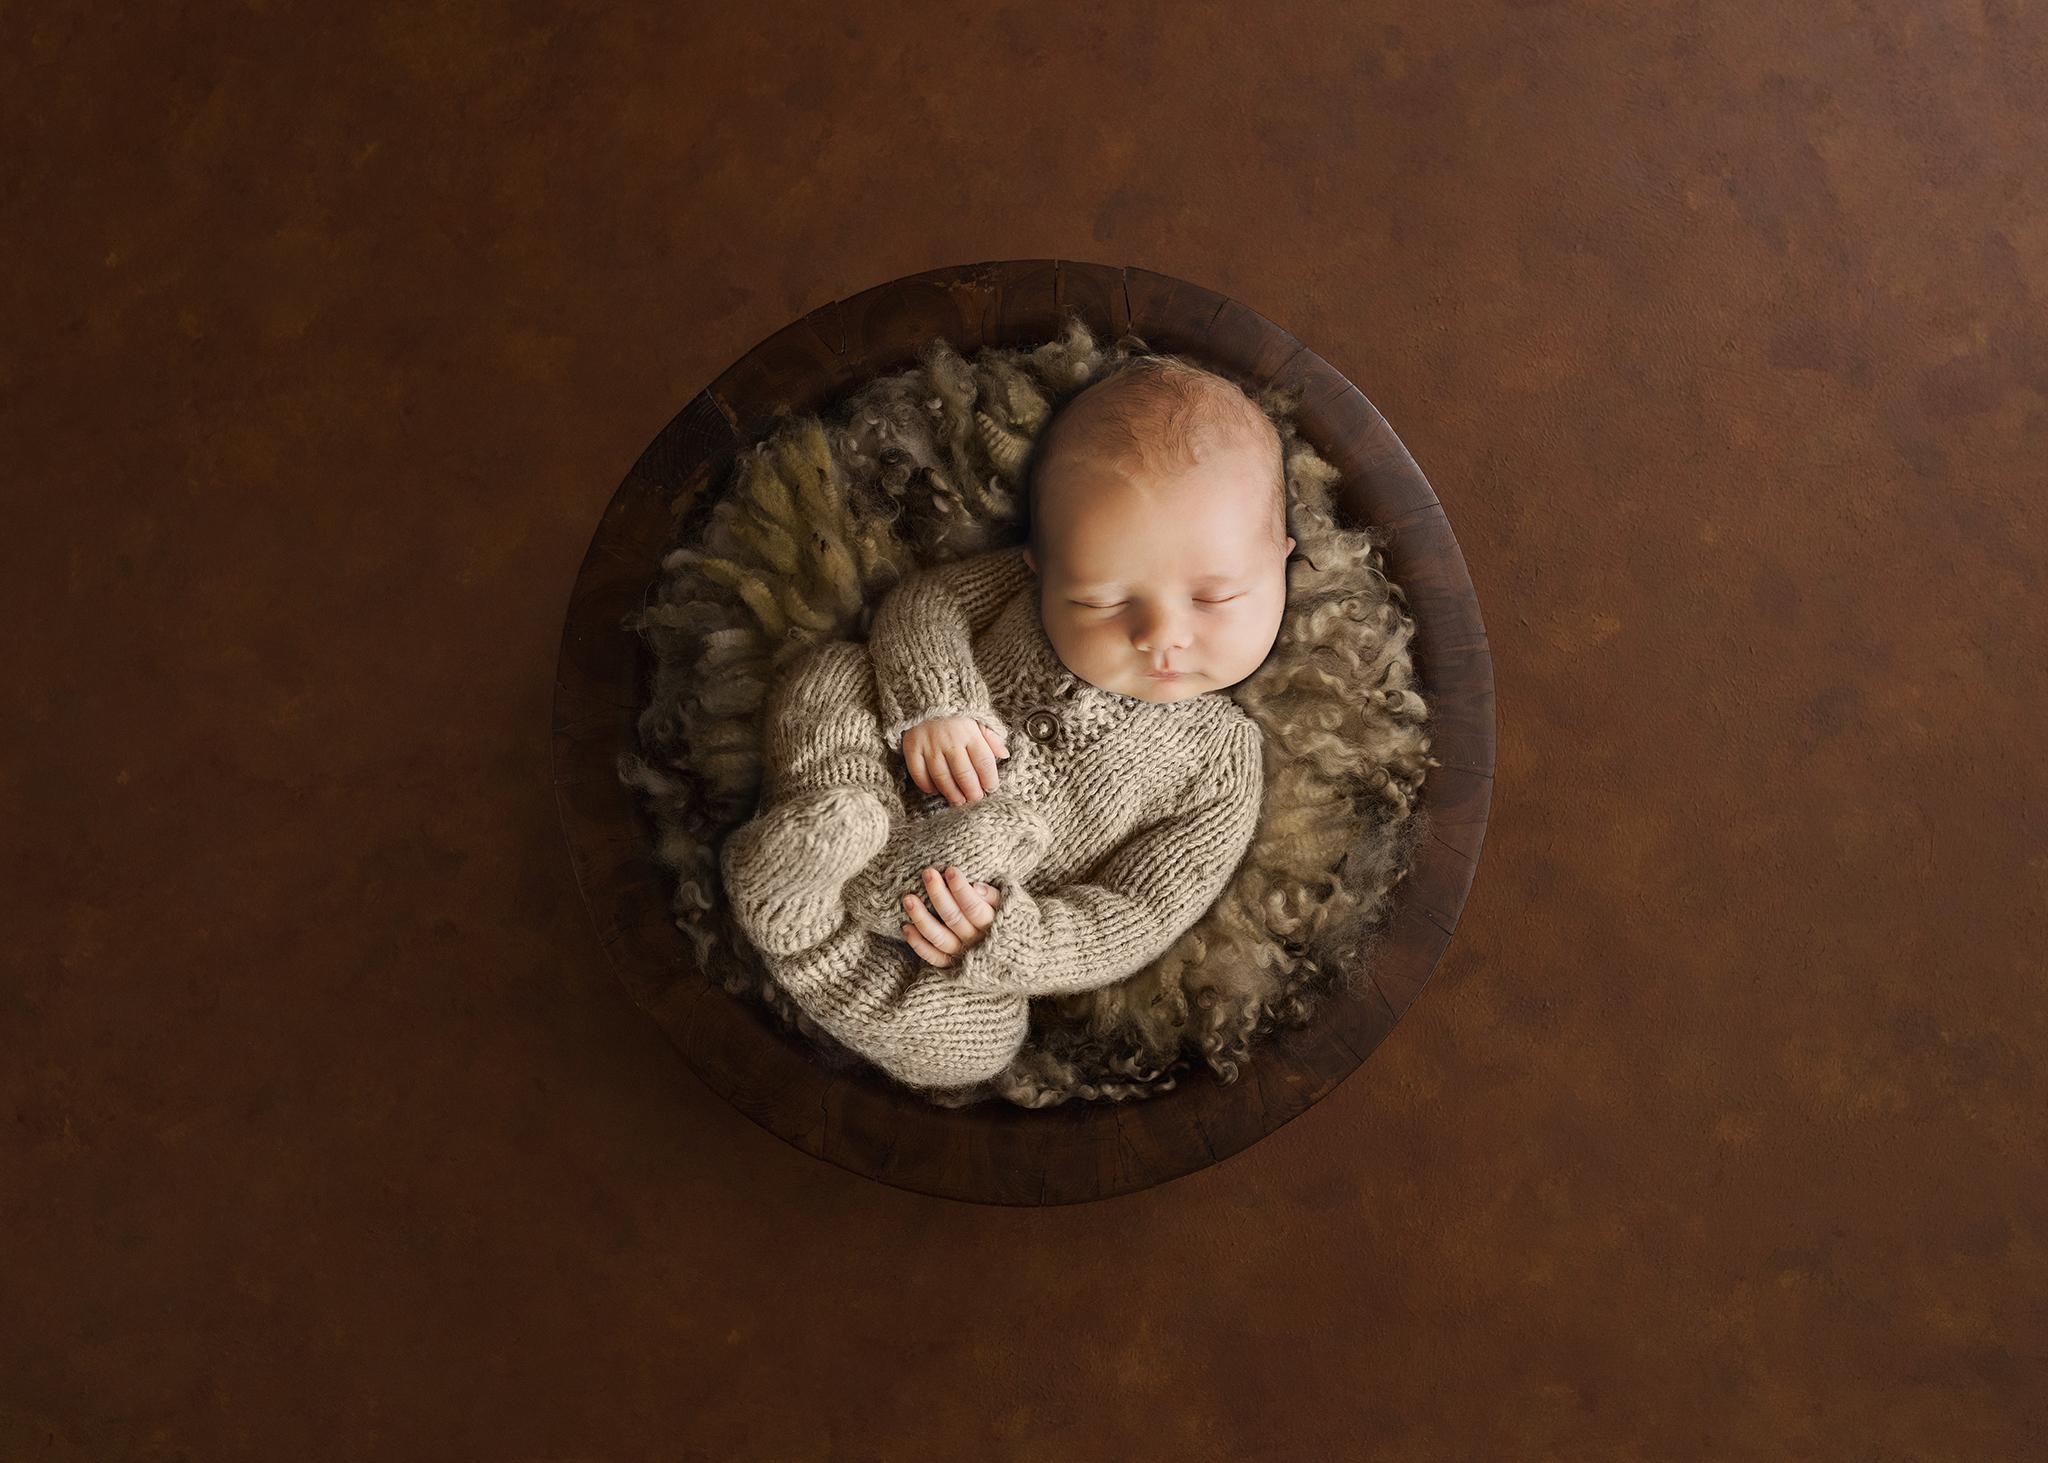 Edmonton Newborn Photographer_Baby Bennett 2019 3.jpg